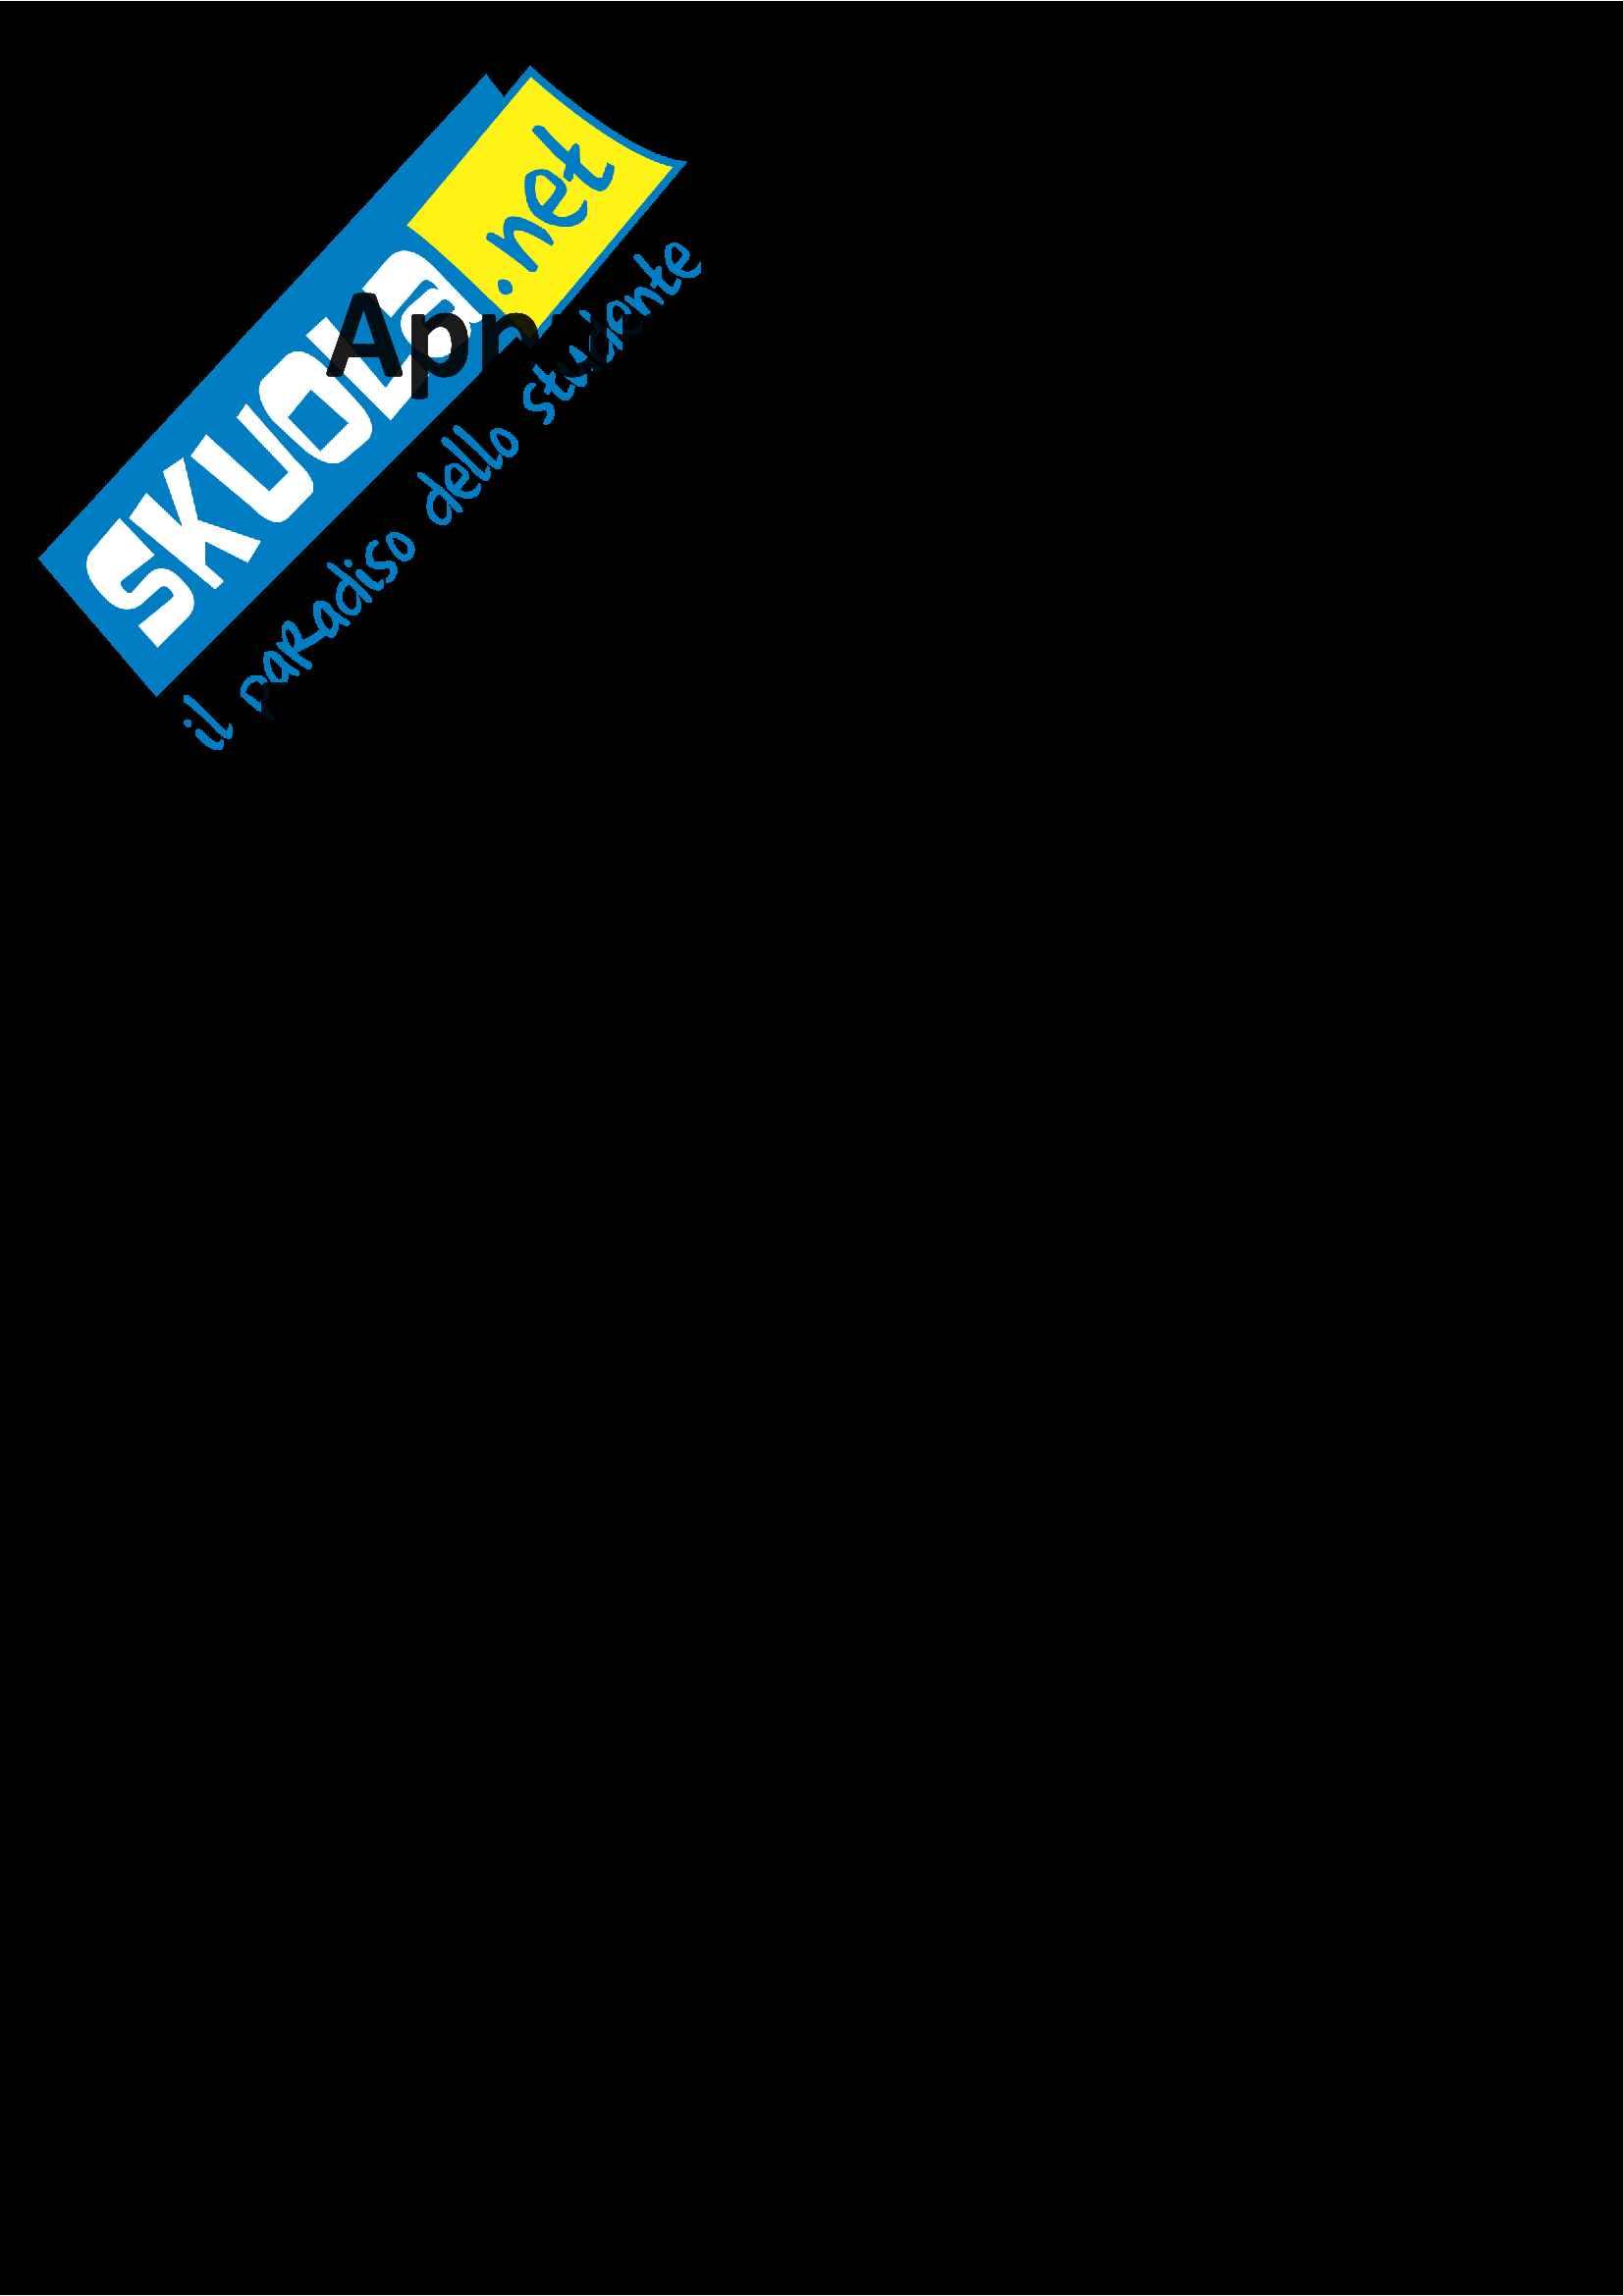 Riassunto esame di diritto penale, docente Bartoli, libro consigliato Corso di diritto penale, Parte Generale, Sesta edizione, Palazzo